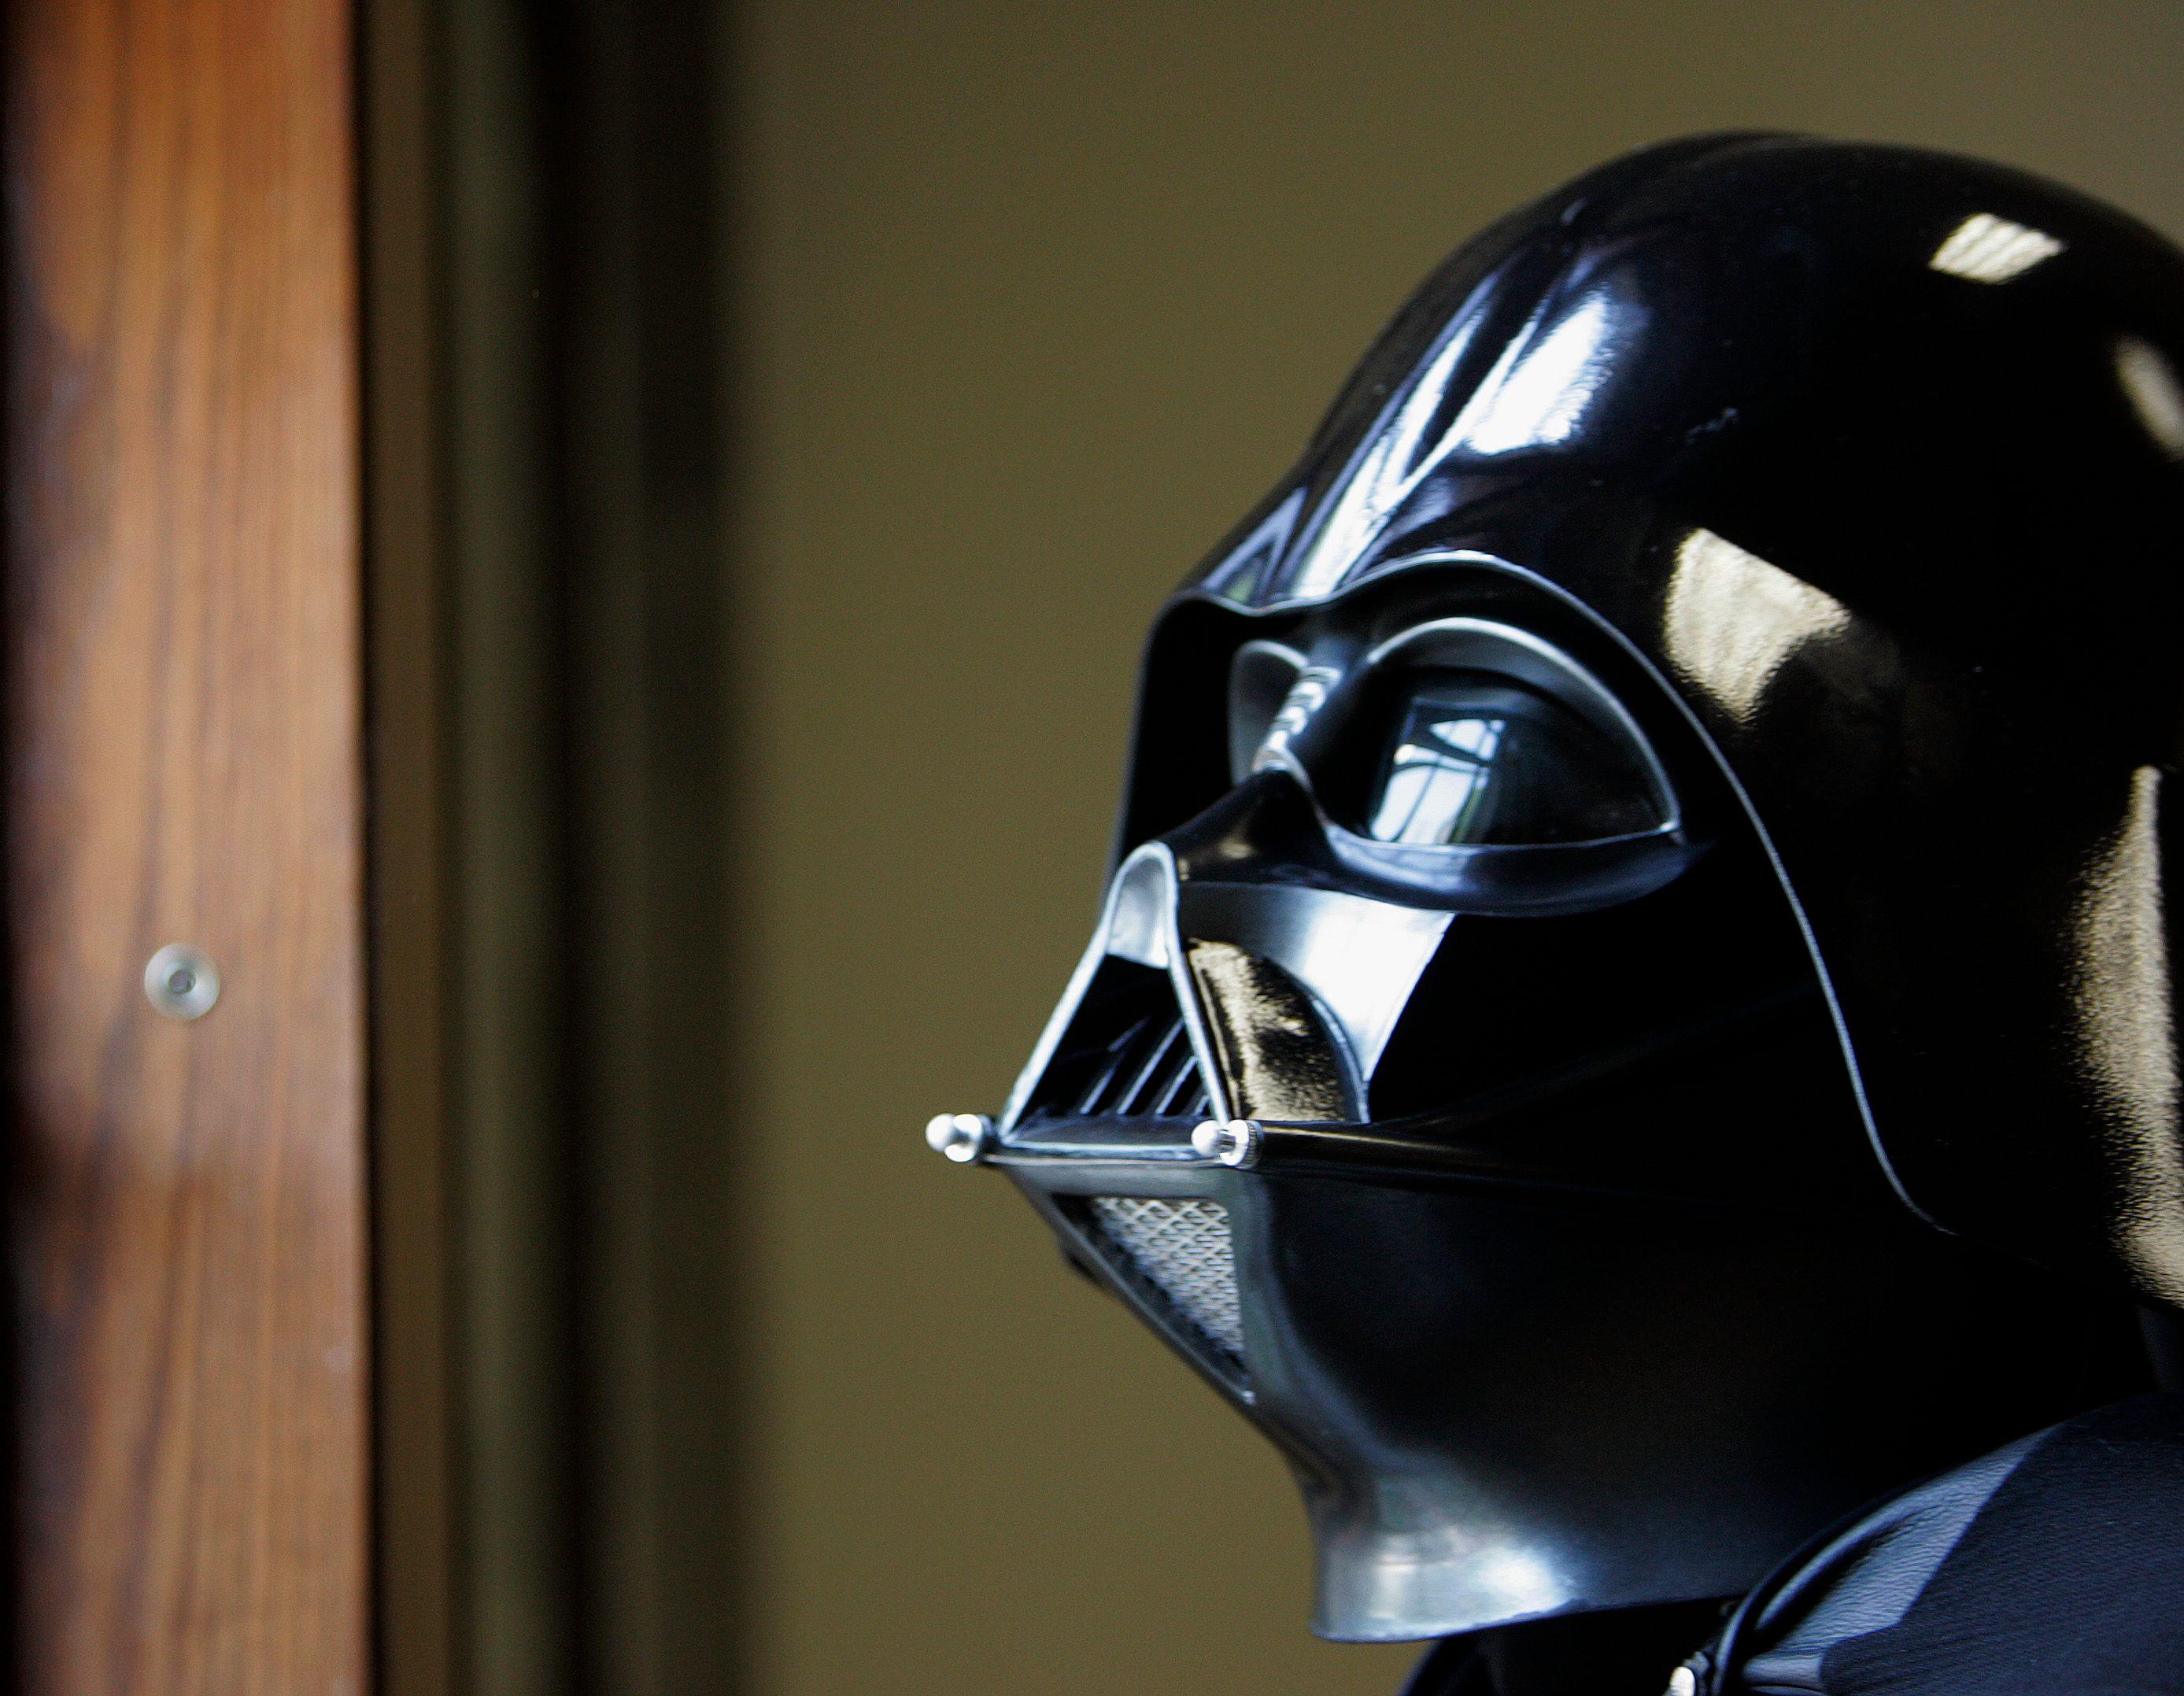 Comment George Lucas dénonce dans la saga Star Wars les mesures prises par le gouvernement américain après les attentats du 11 septembre